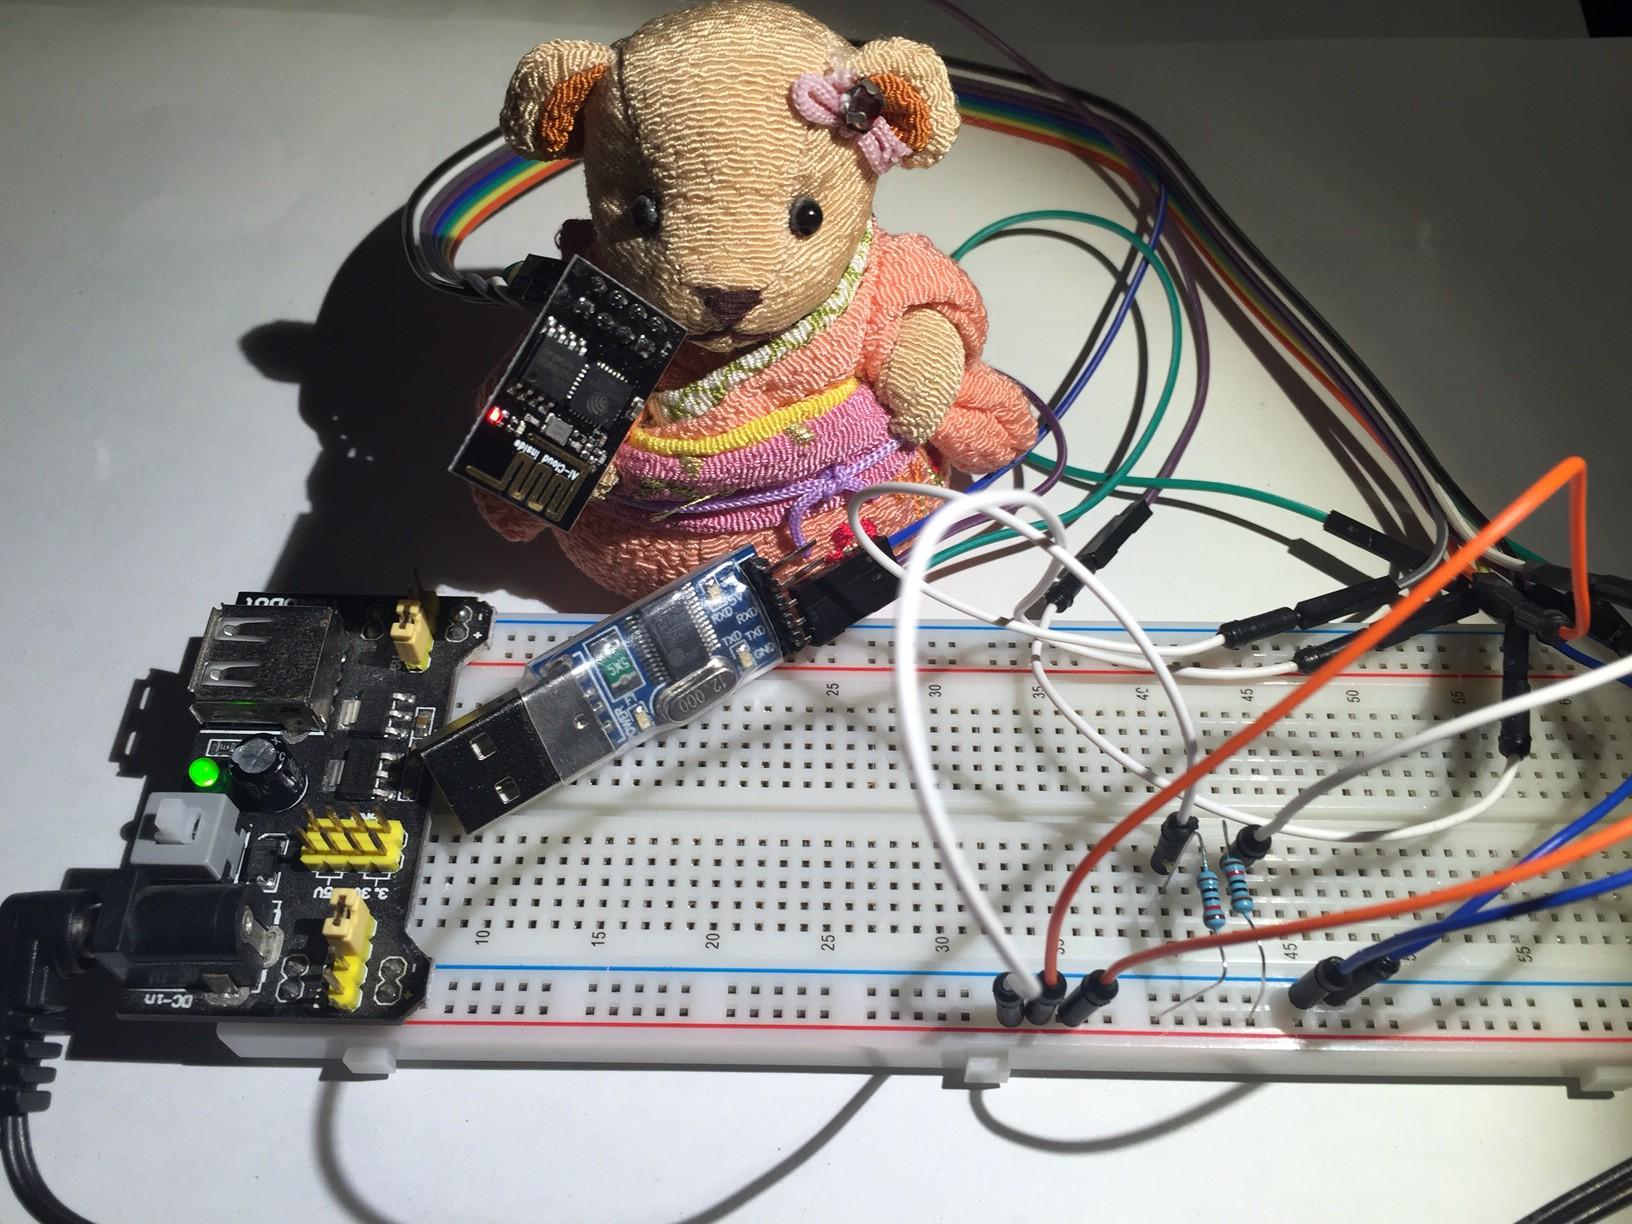 USB to Serial ESP8266